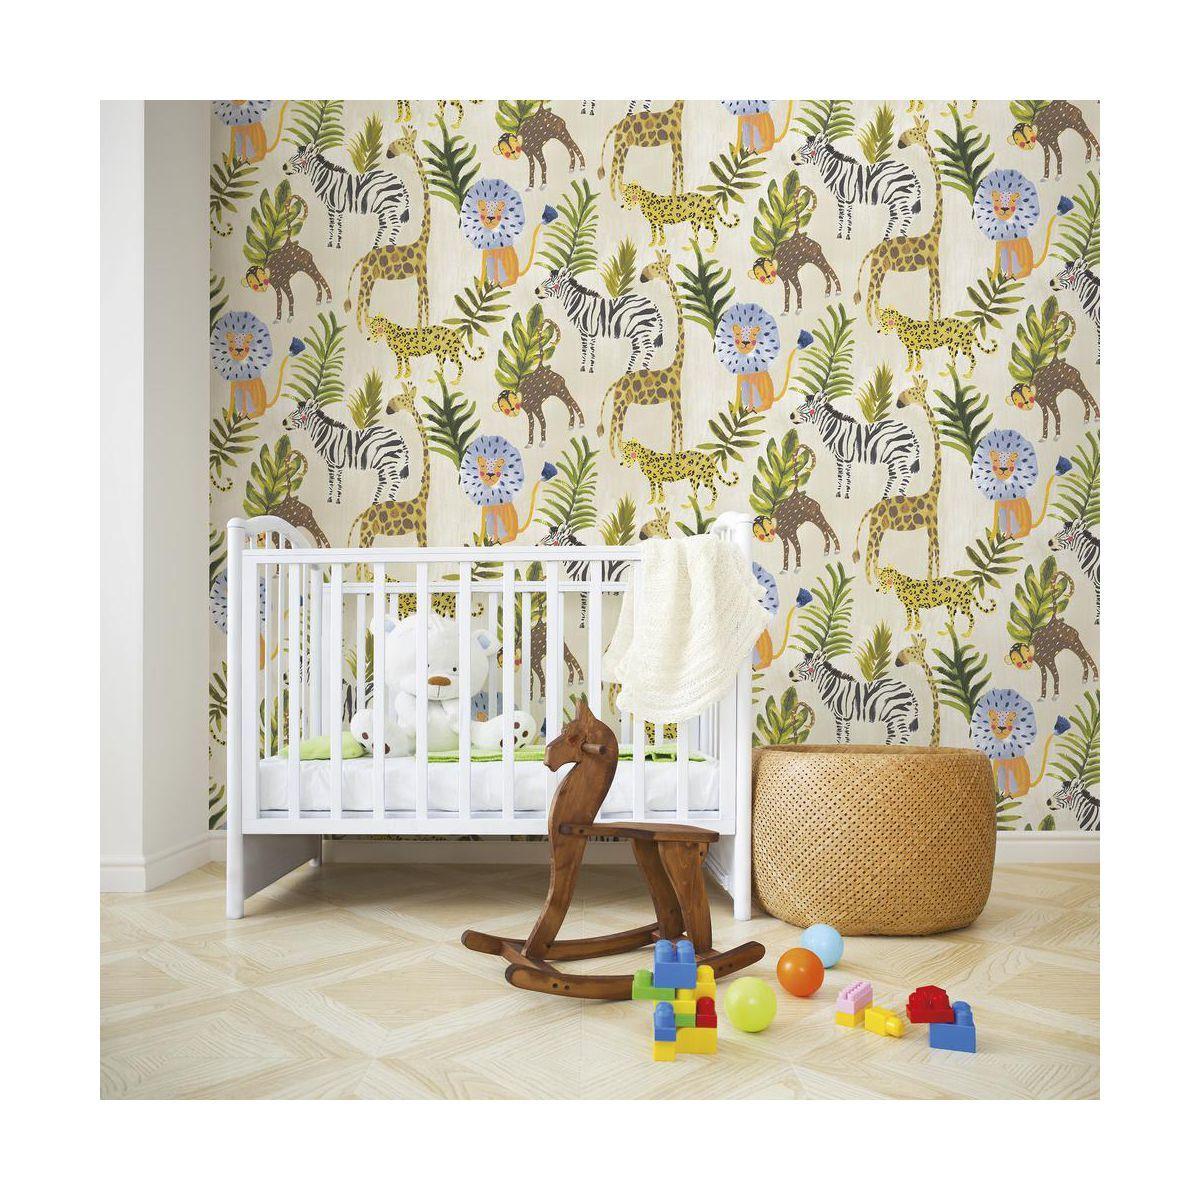 Tapeta Dla Dzieci Jungle Zielono Bezowa Na Flizelinie Tapety Na Sciane W Atrakcyjnej Cenie W Sk Multicoloured Wallpaper Colorful Wallpaper Jungle Wallpaper